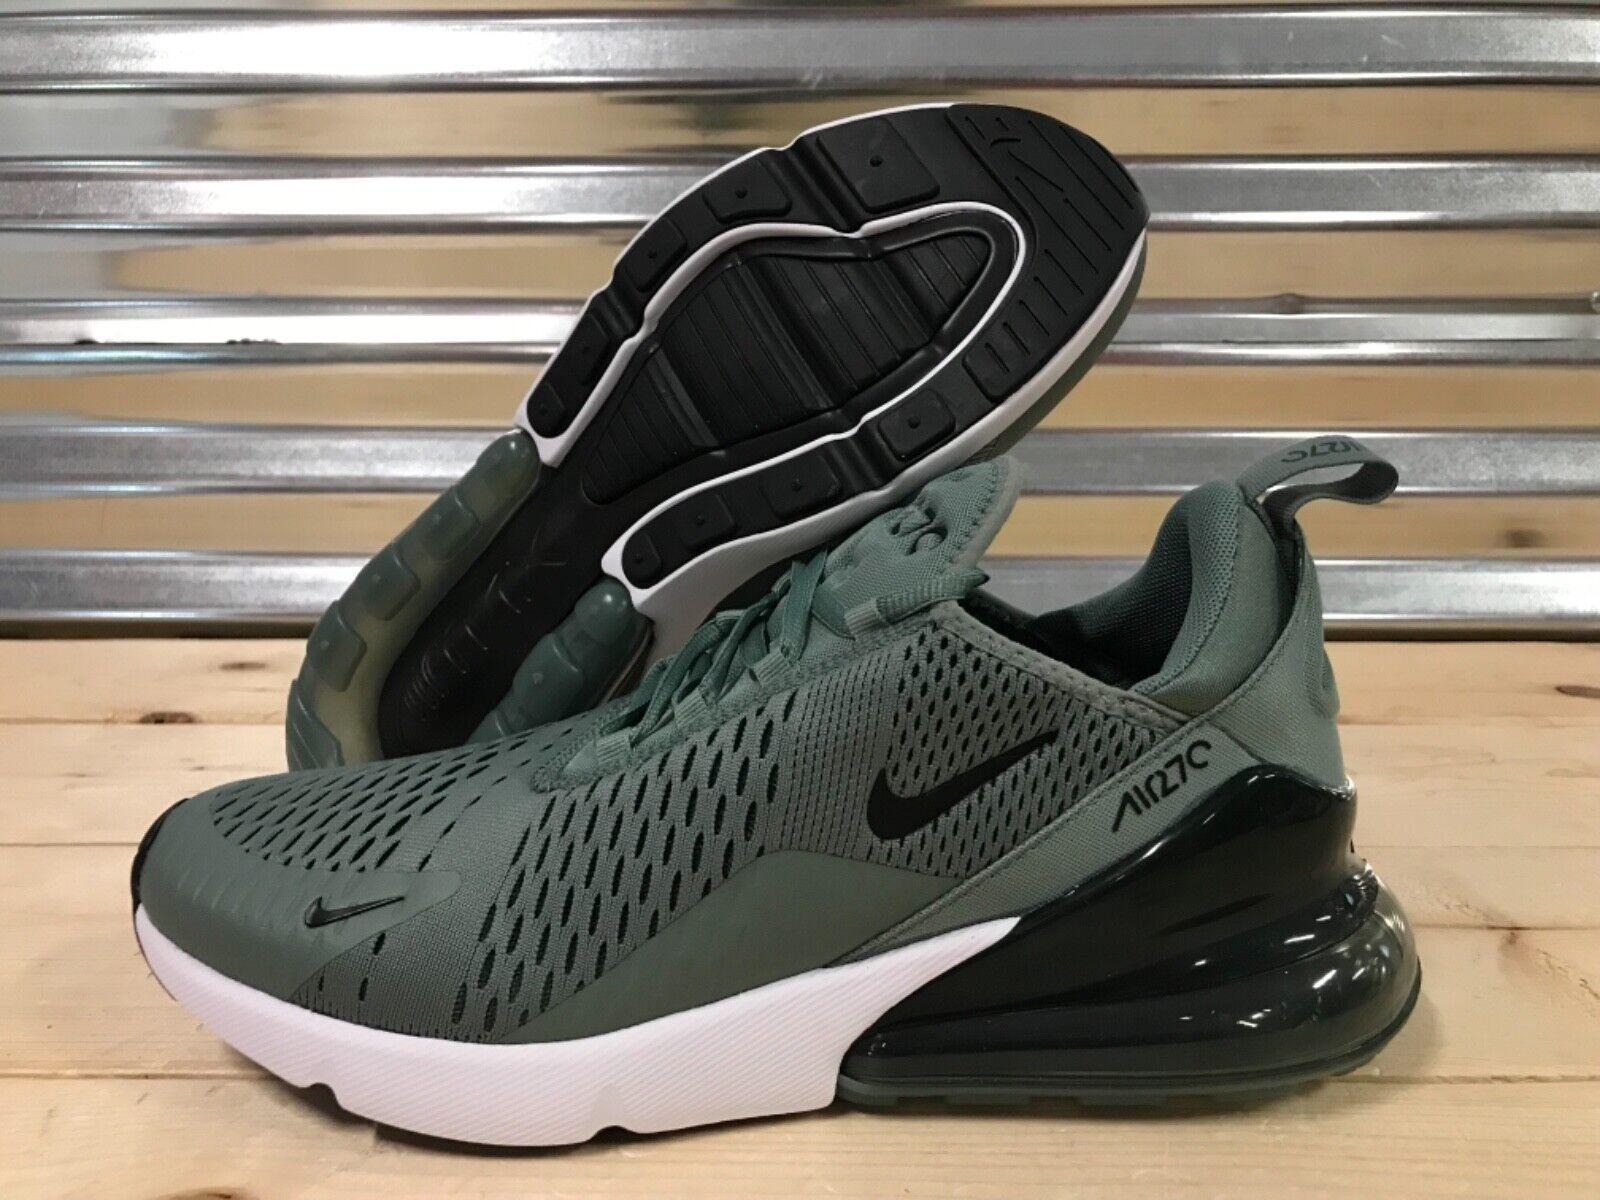 Nike Air Max 270 Running Running Running scarpe Clay verde bianca nero SZ ( AH8050-300 ) 9ce528